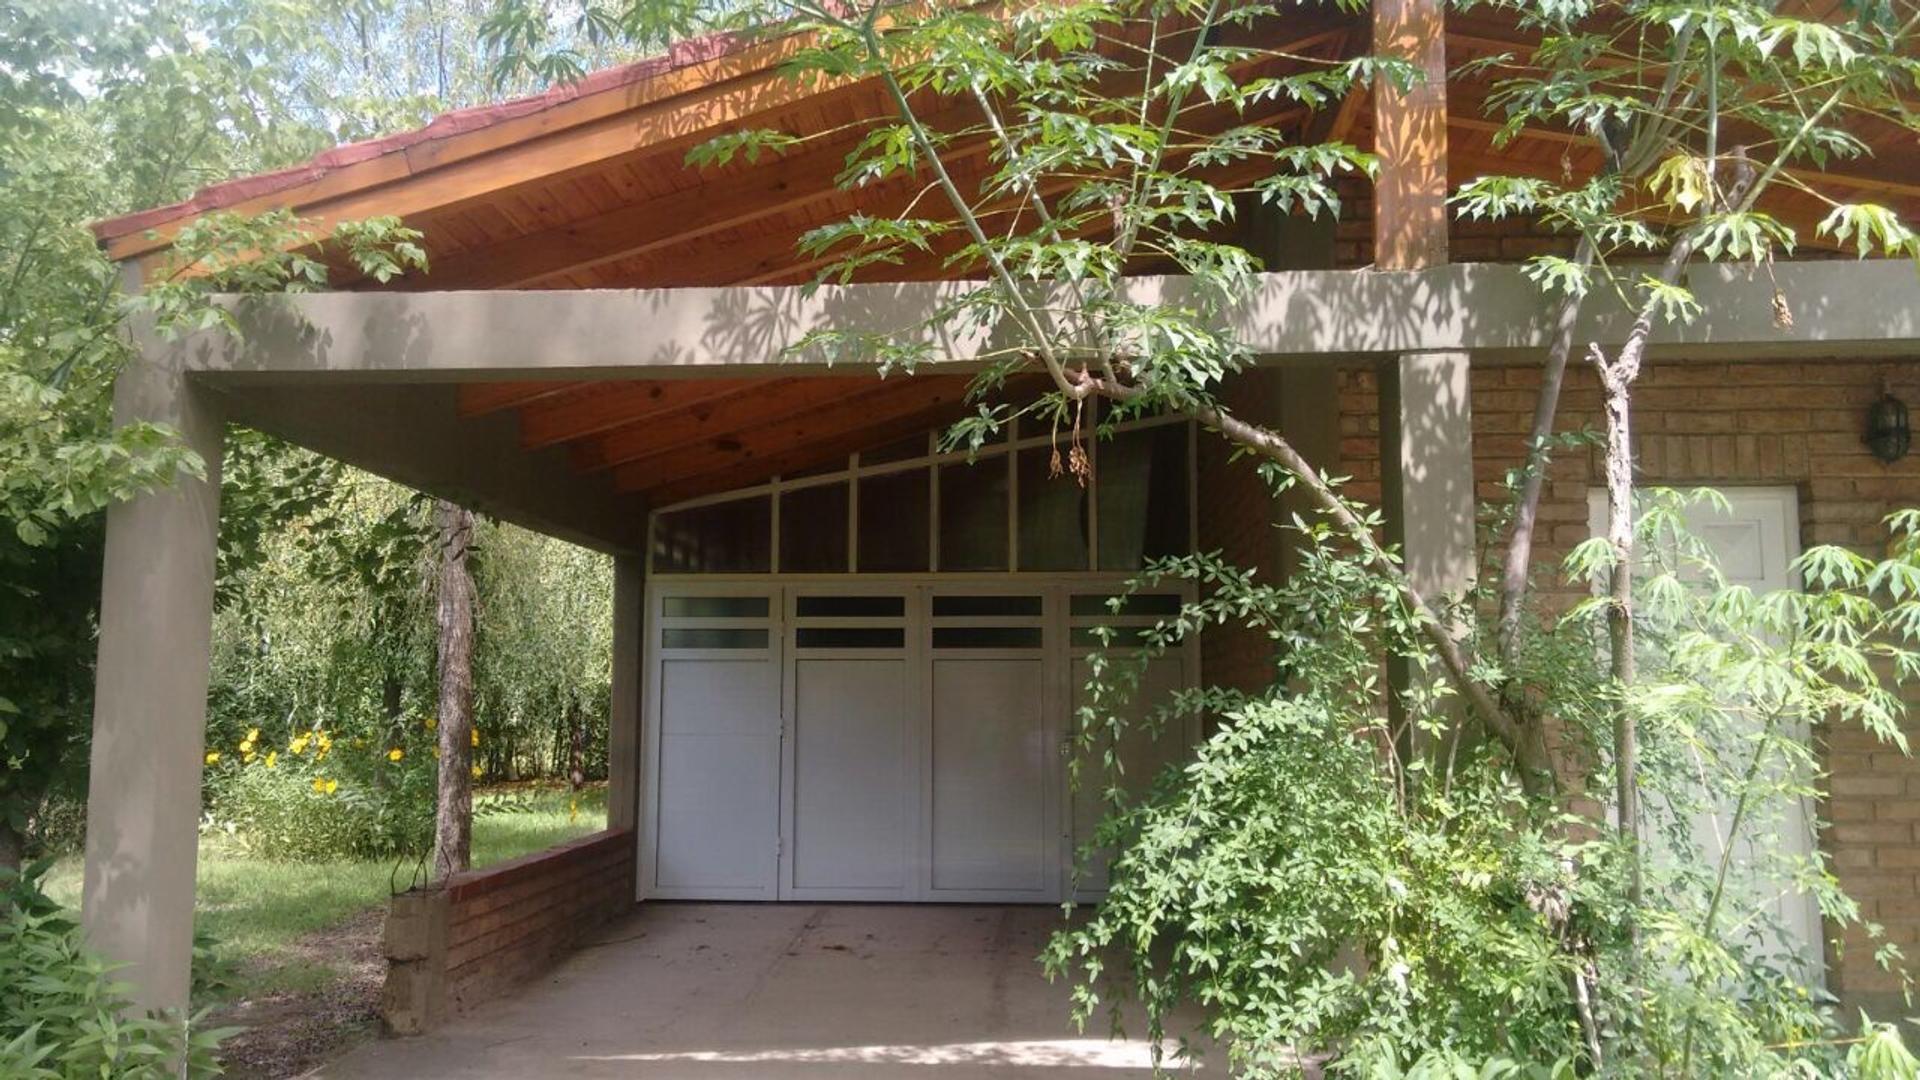 Casa 2 dormitorios, El Trapiche.San Luis